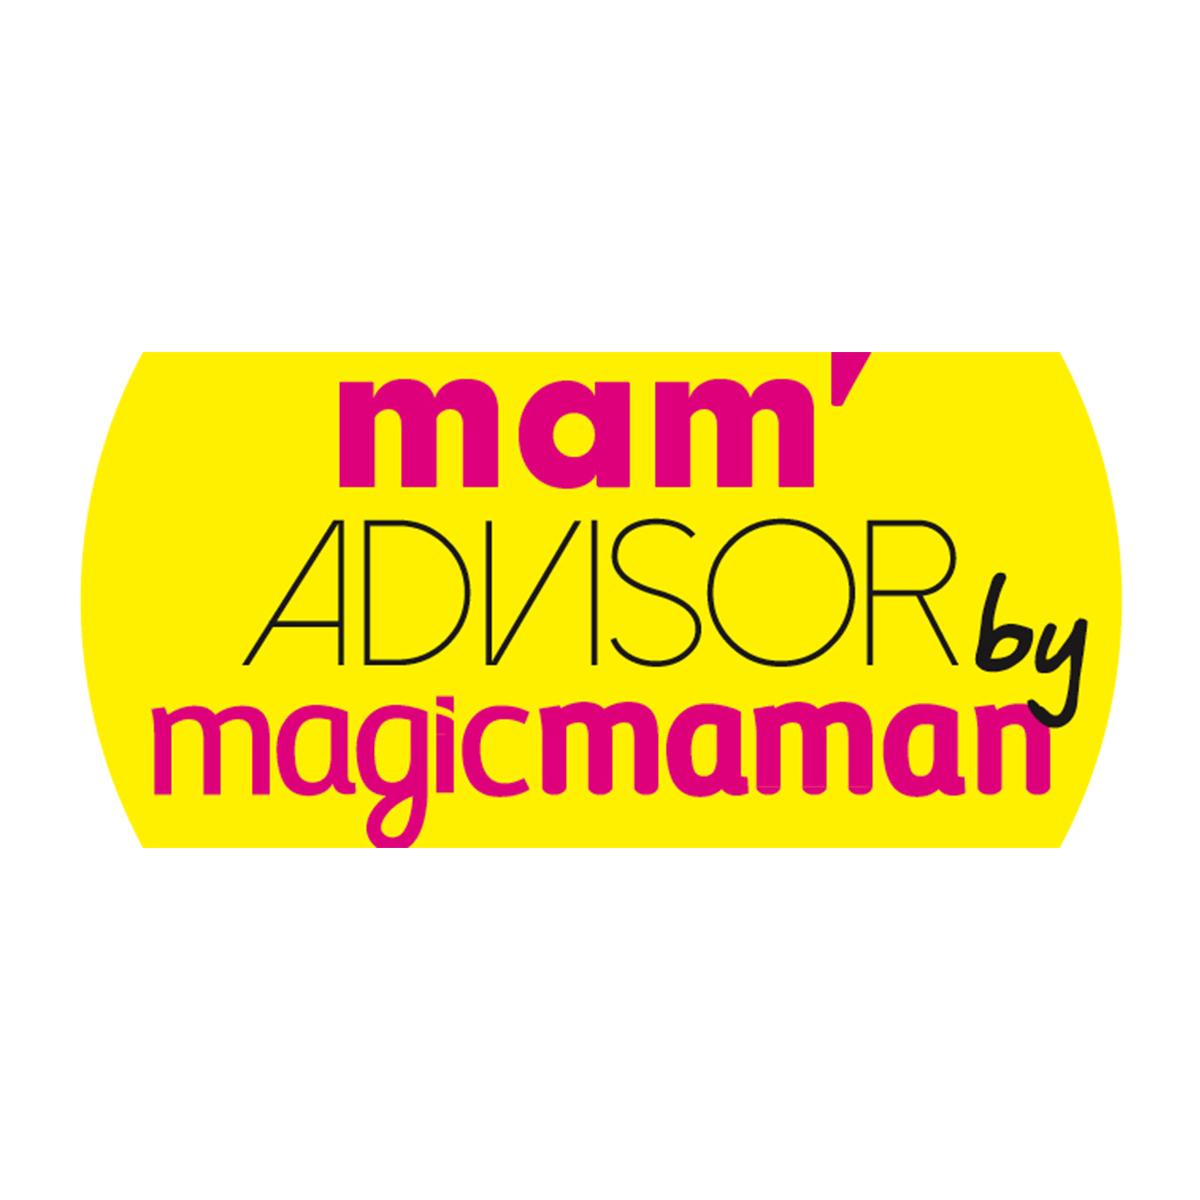 Mam advisor